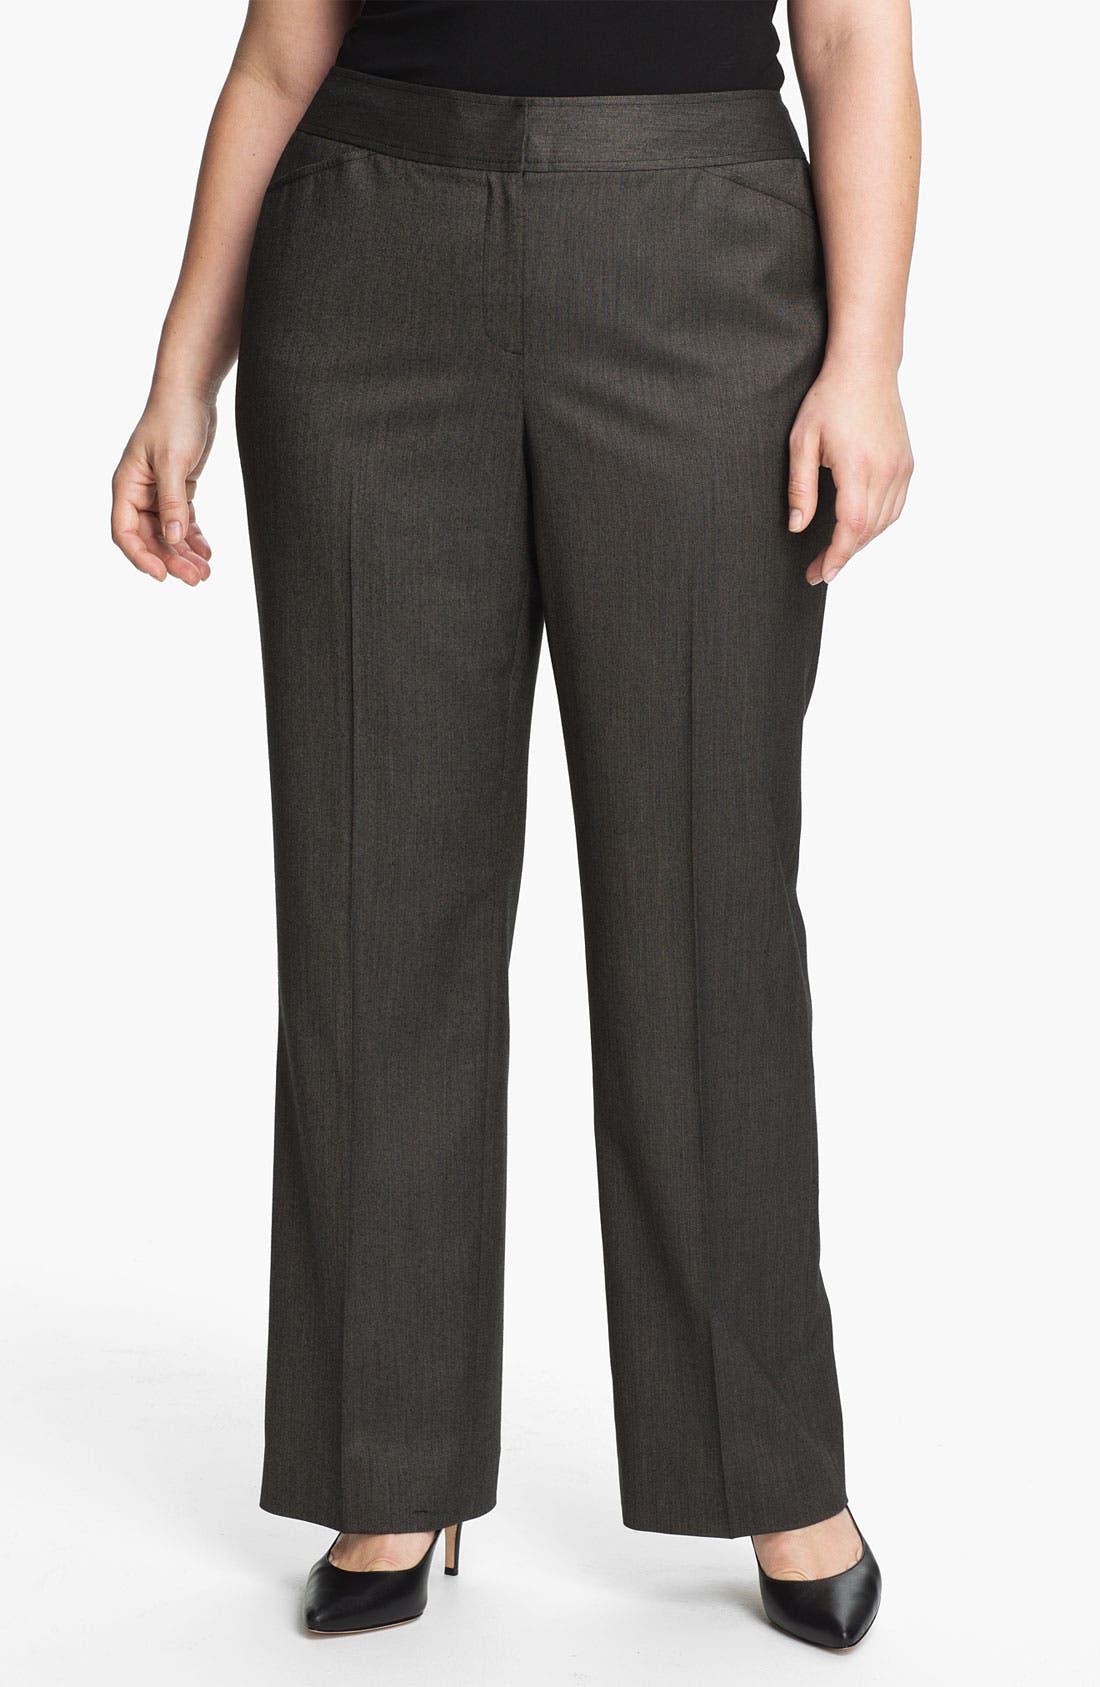 Alternate Image 1 Selected - Sejour 'Bureau' Curvy Fit Trousers (Plus)